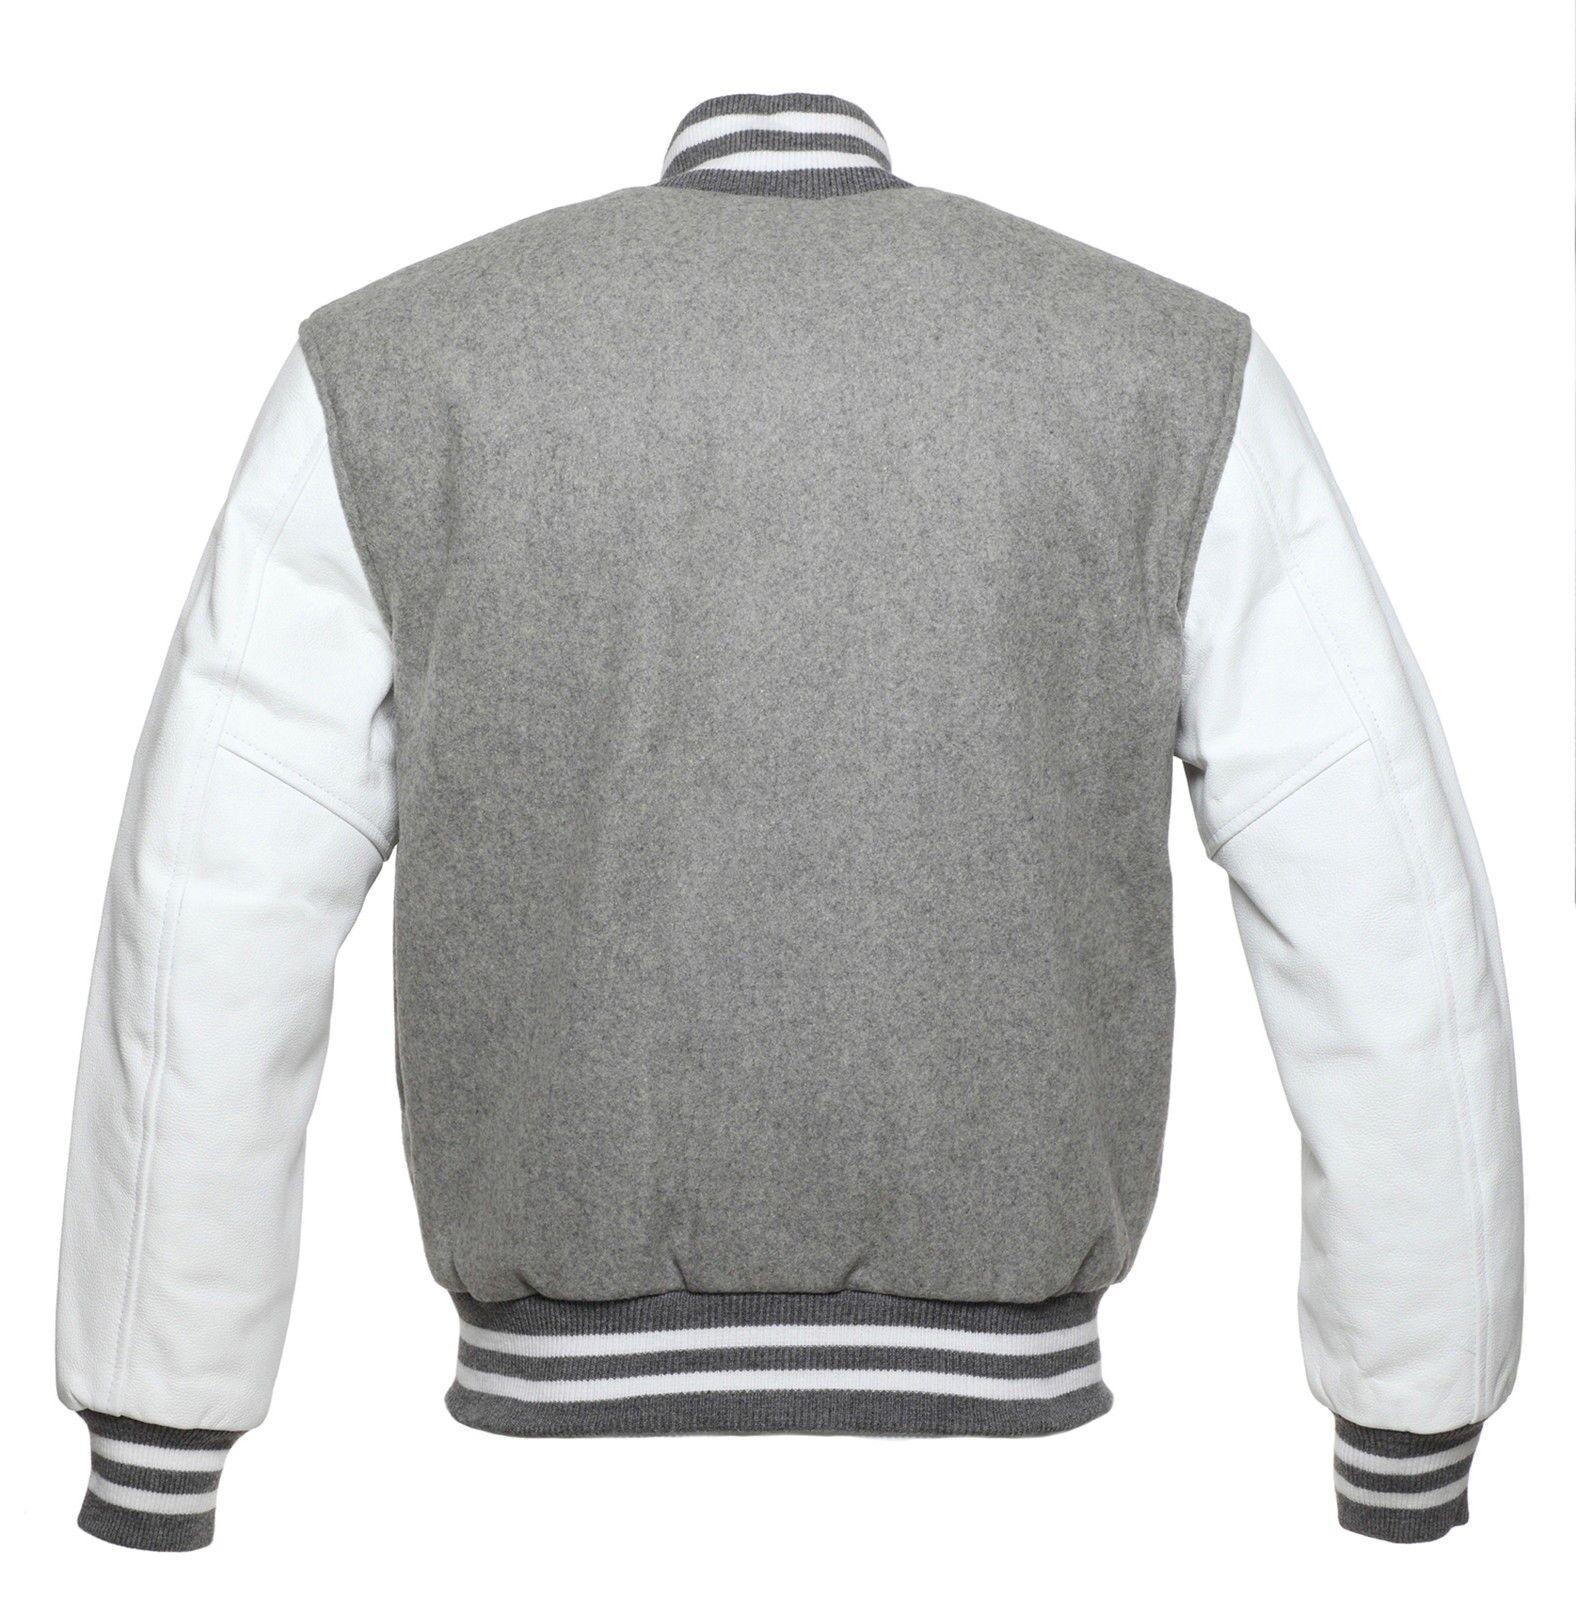 Uomo Lana Retro Misto Lana Uomo Stand Collar Trench giacca lunga Parka Outwear Caldo taglia 84eb60